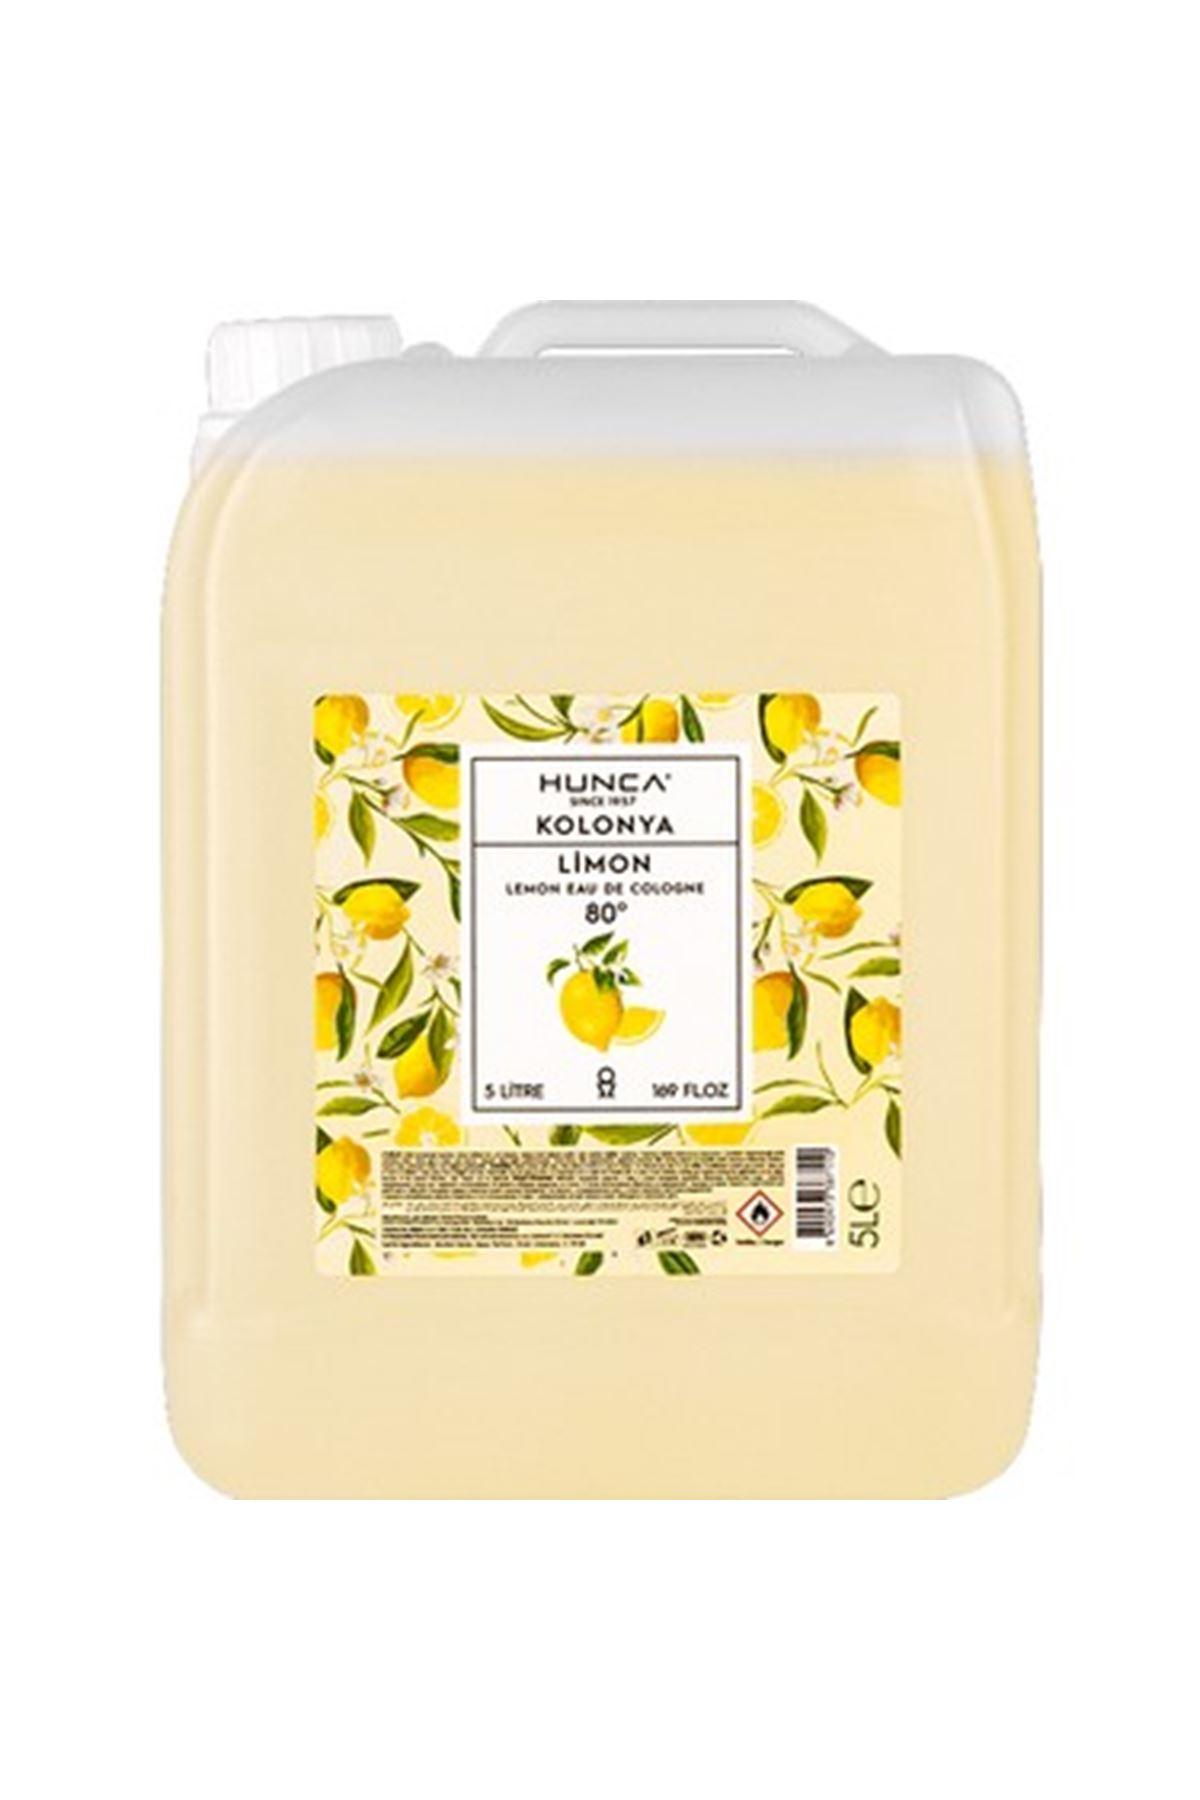 Hunca Limon Kolonyası 5 litre